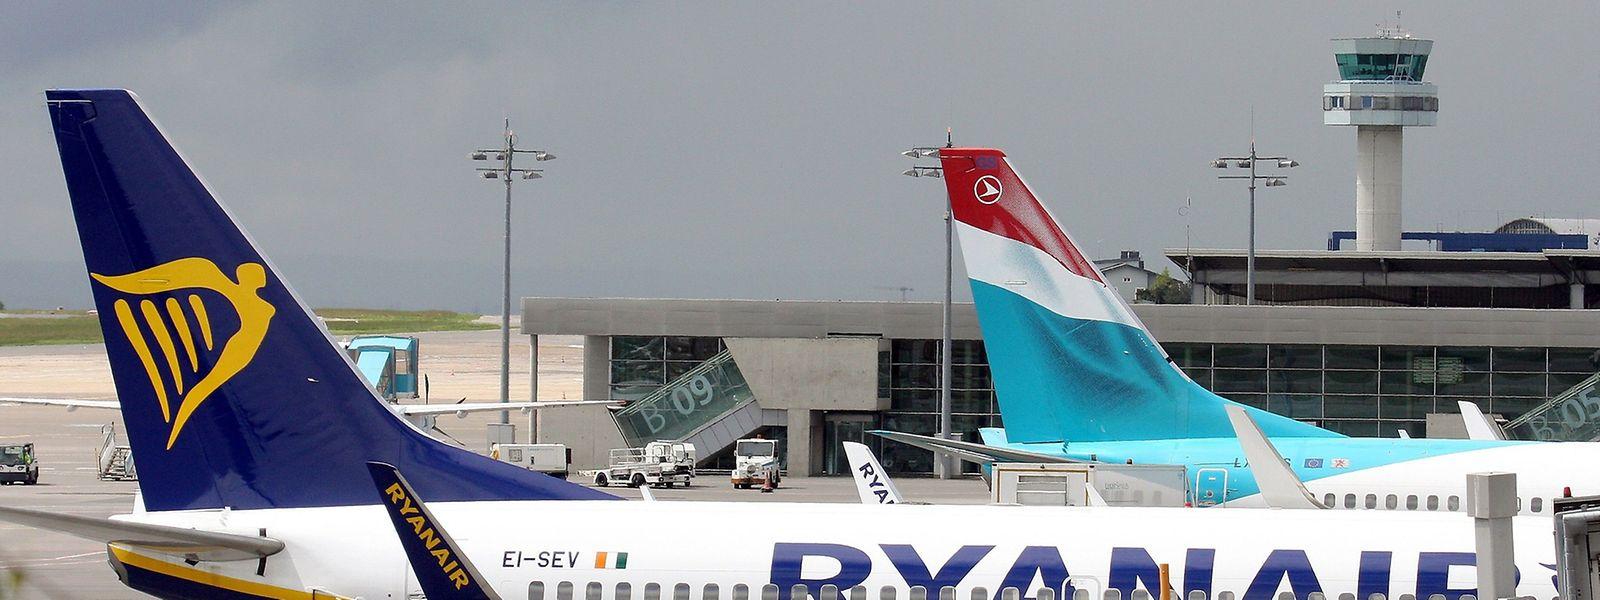 Der erste kommerzielle Ryanair-Flug nach Luxemburg ist für den kommenden Sonntag programmiert.